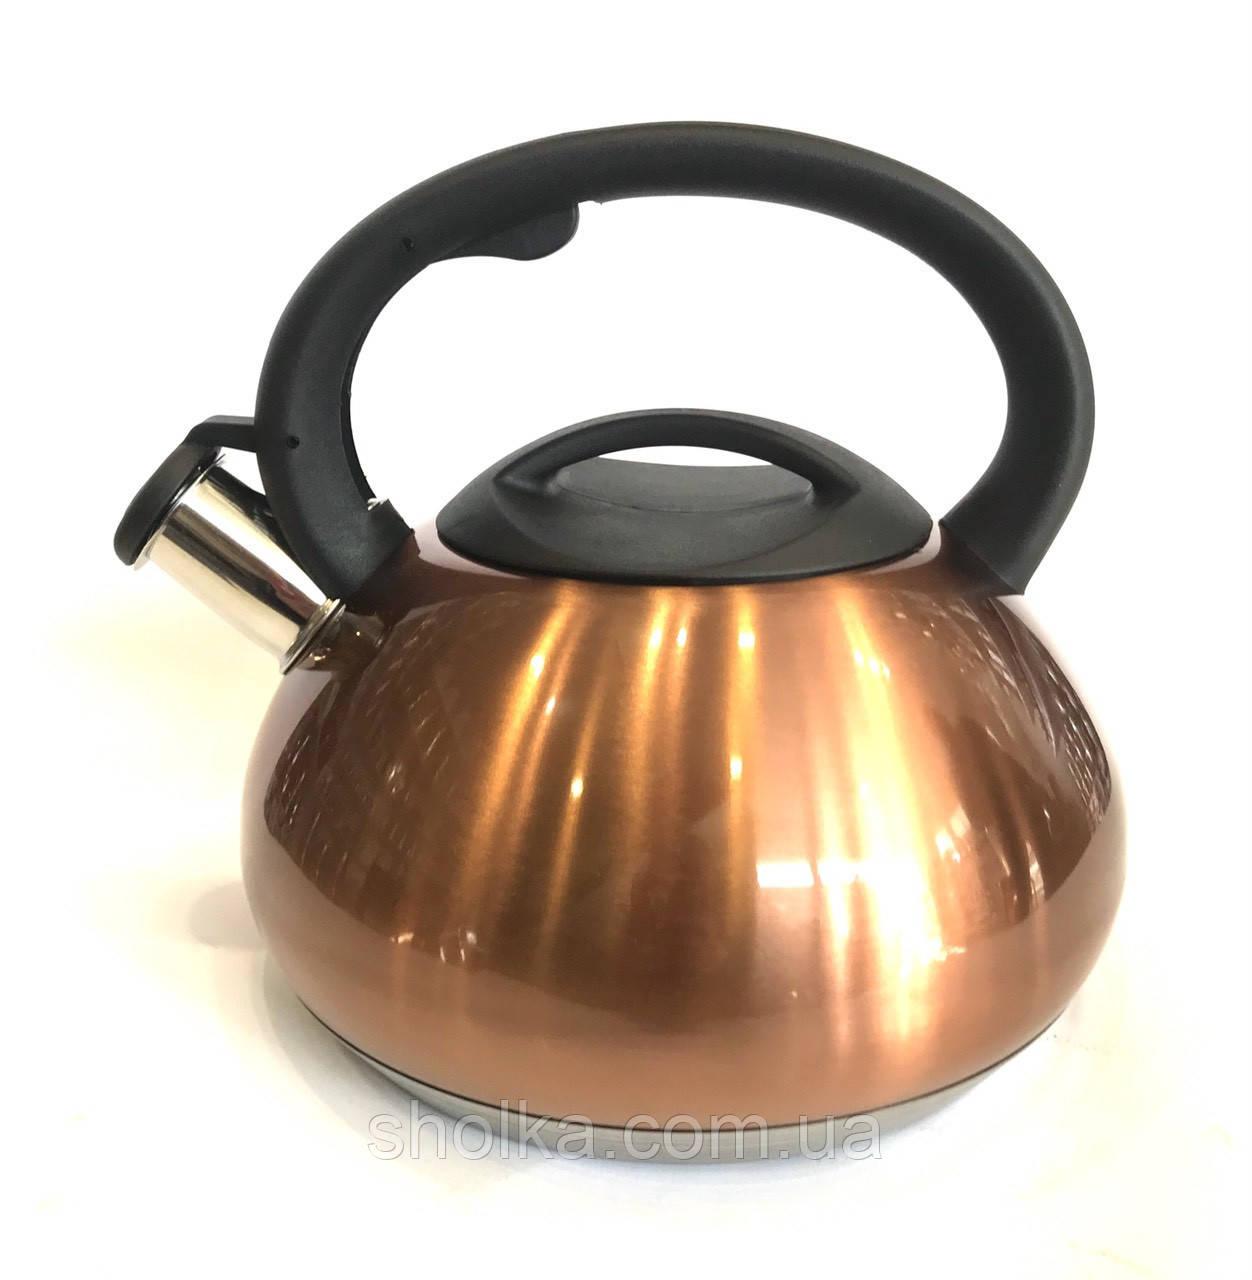 Чайник Benson BN-713 со свистком (3 литра)